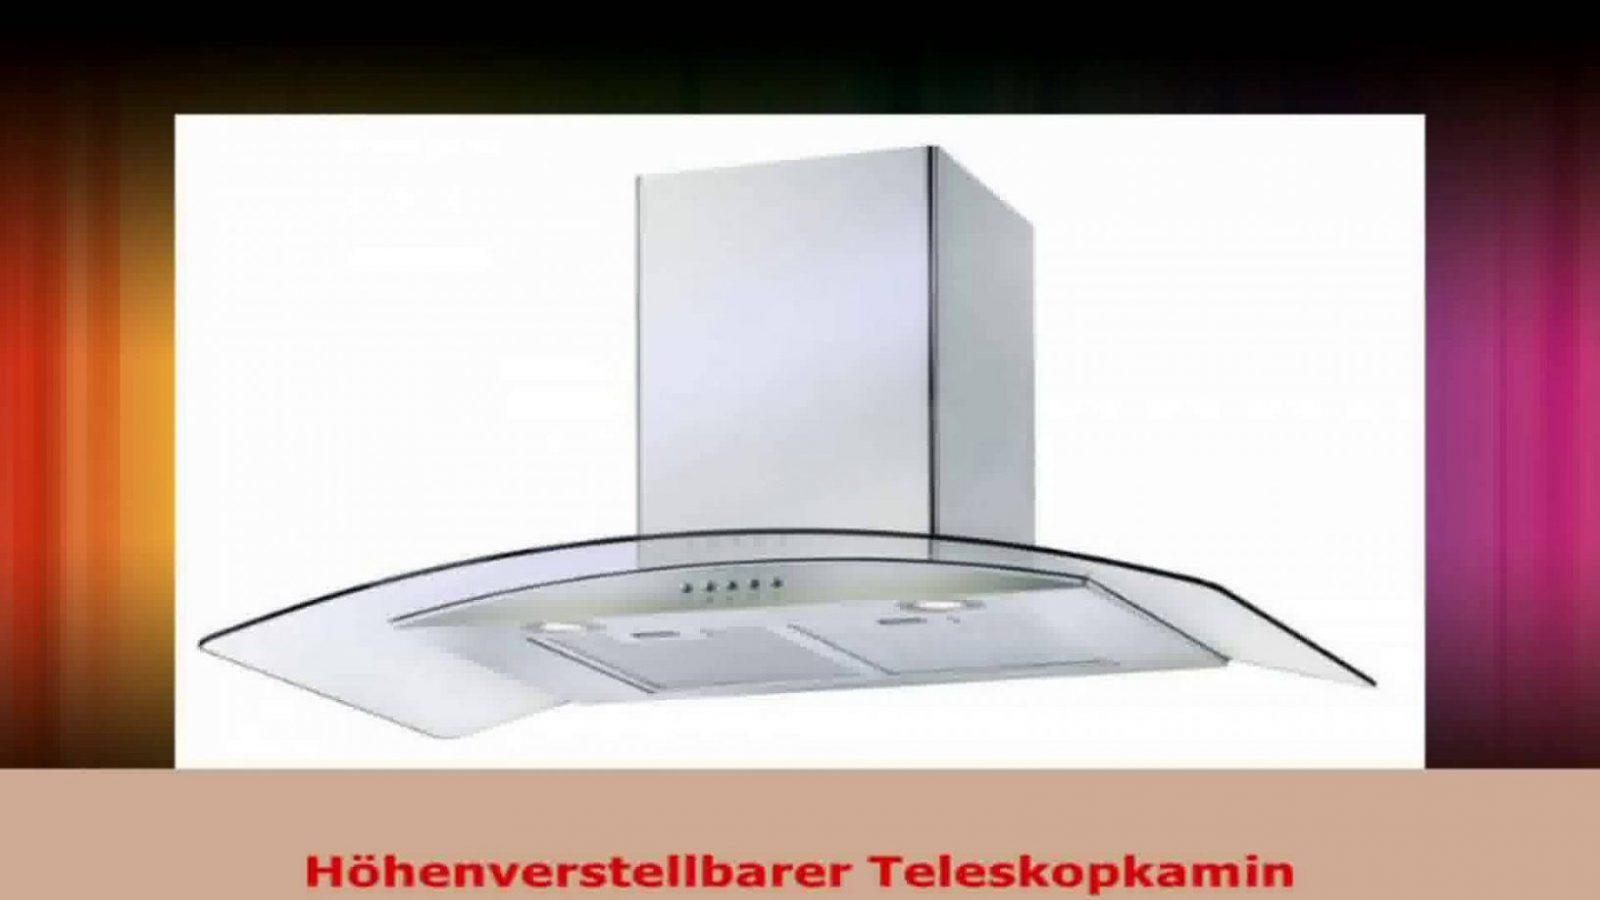 Amica Kh 17183 E Kaminhaube 900 Cm 660 M Bedienung Über Drucktasten von Amica Kh 17184 E Photo